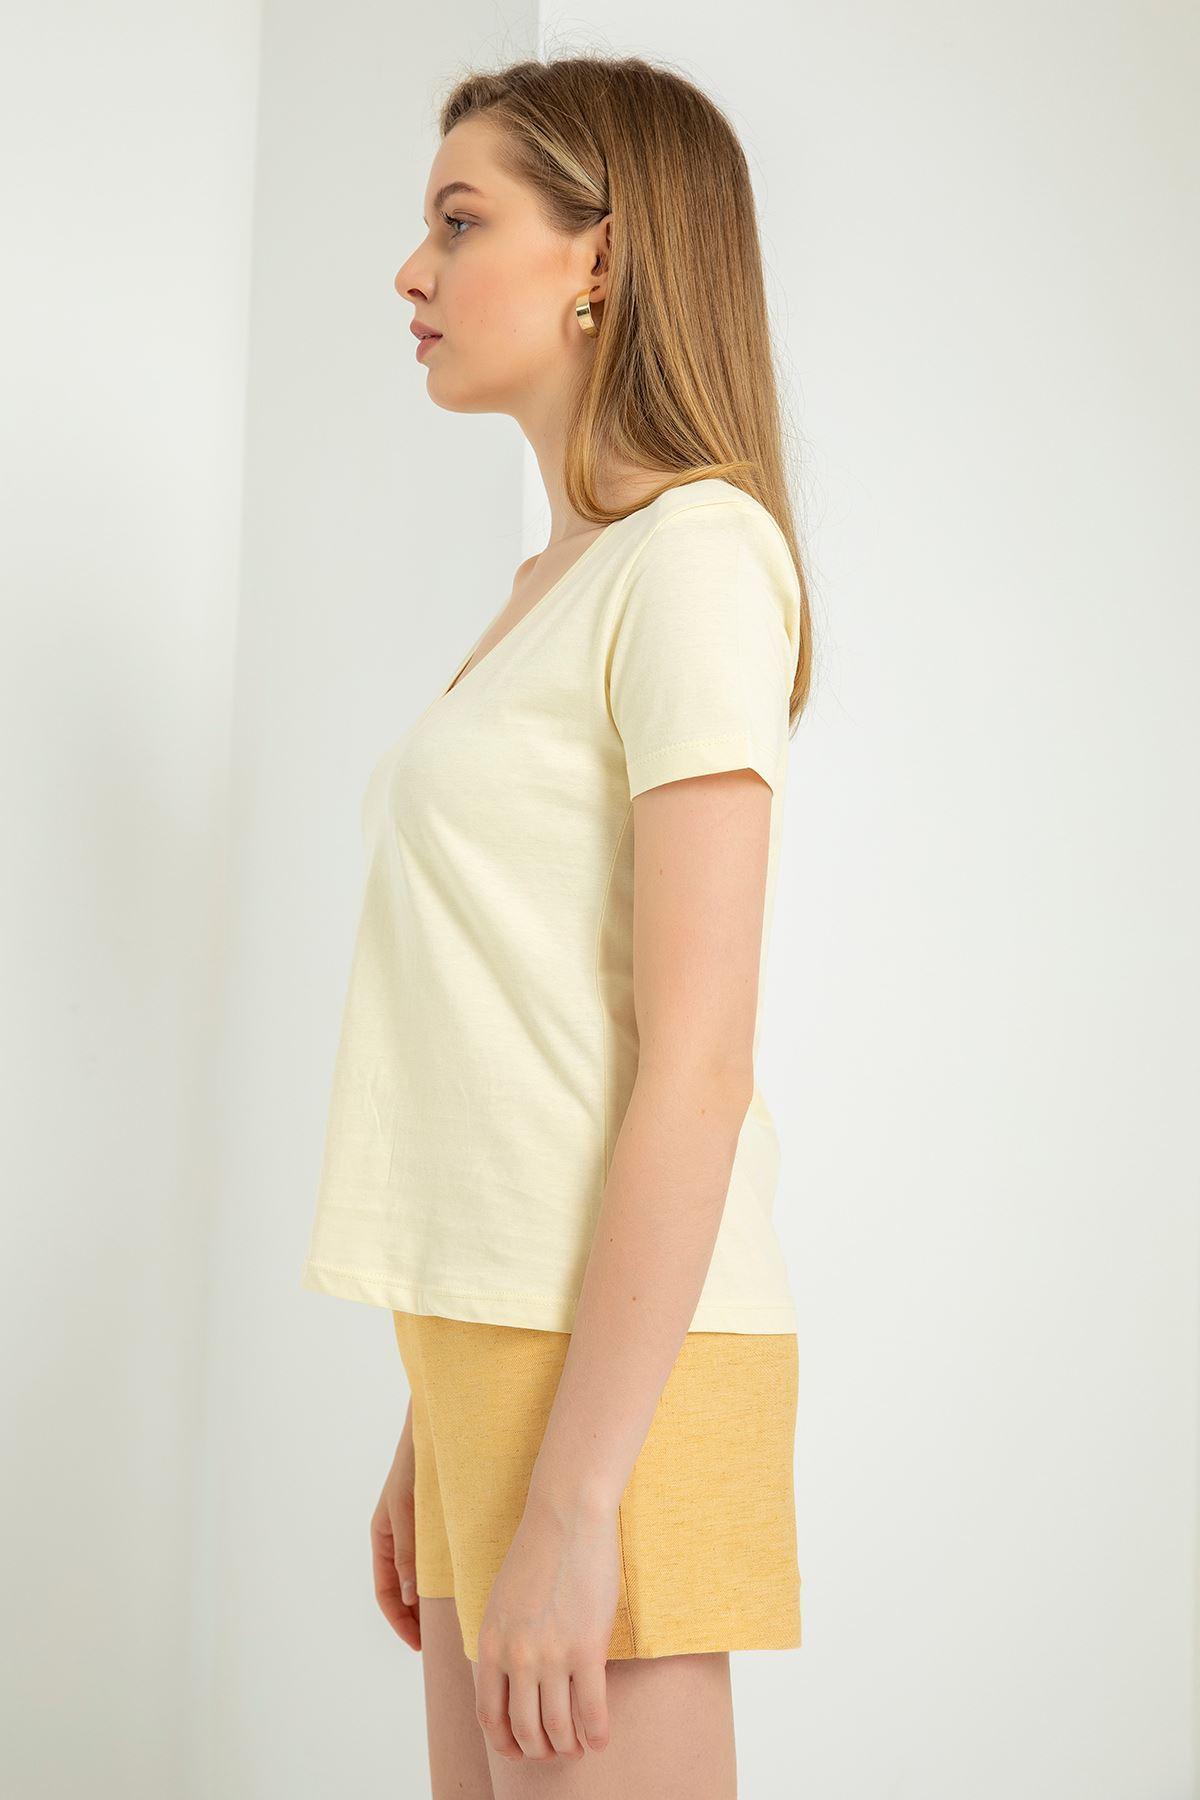 V yaka vatkalı sarı tshirt